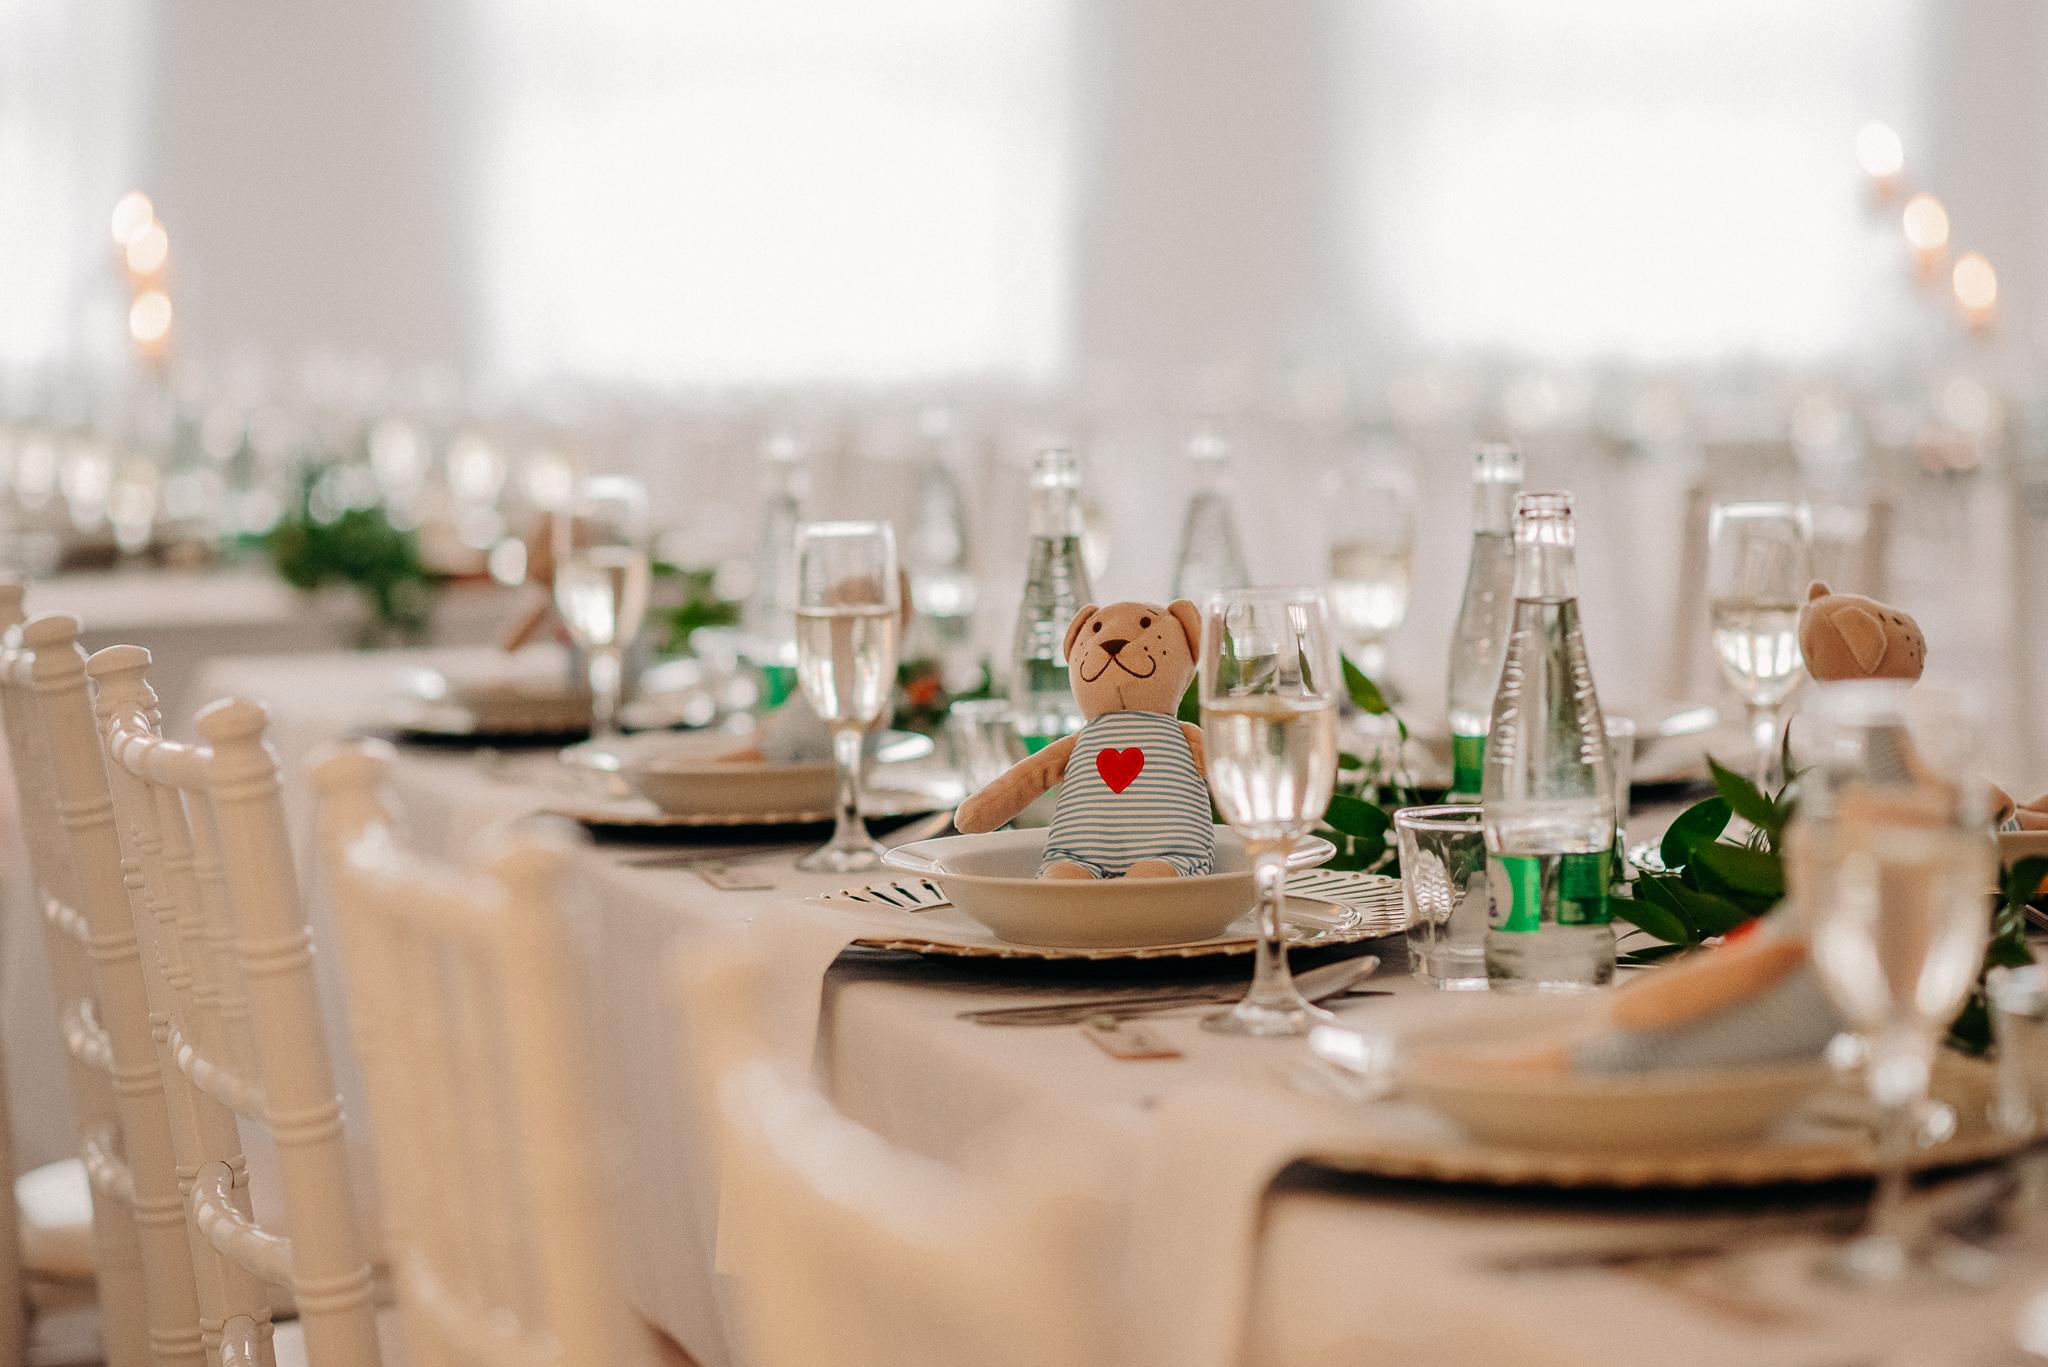 svadba-rakovanka-cadcajpg